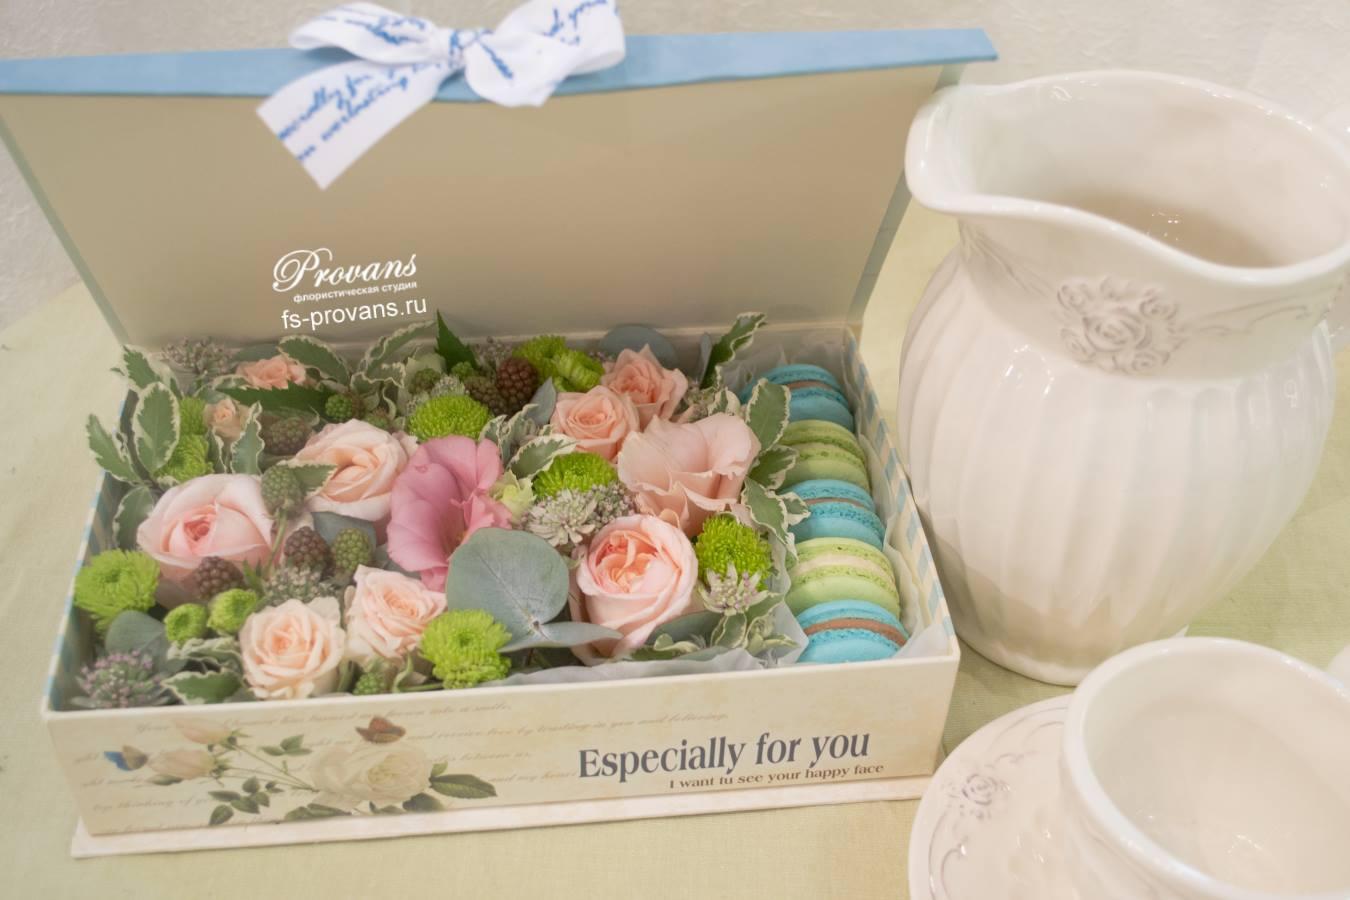 Цветы и сладости Macaron в коробке